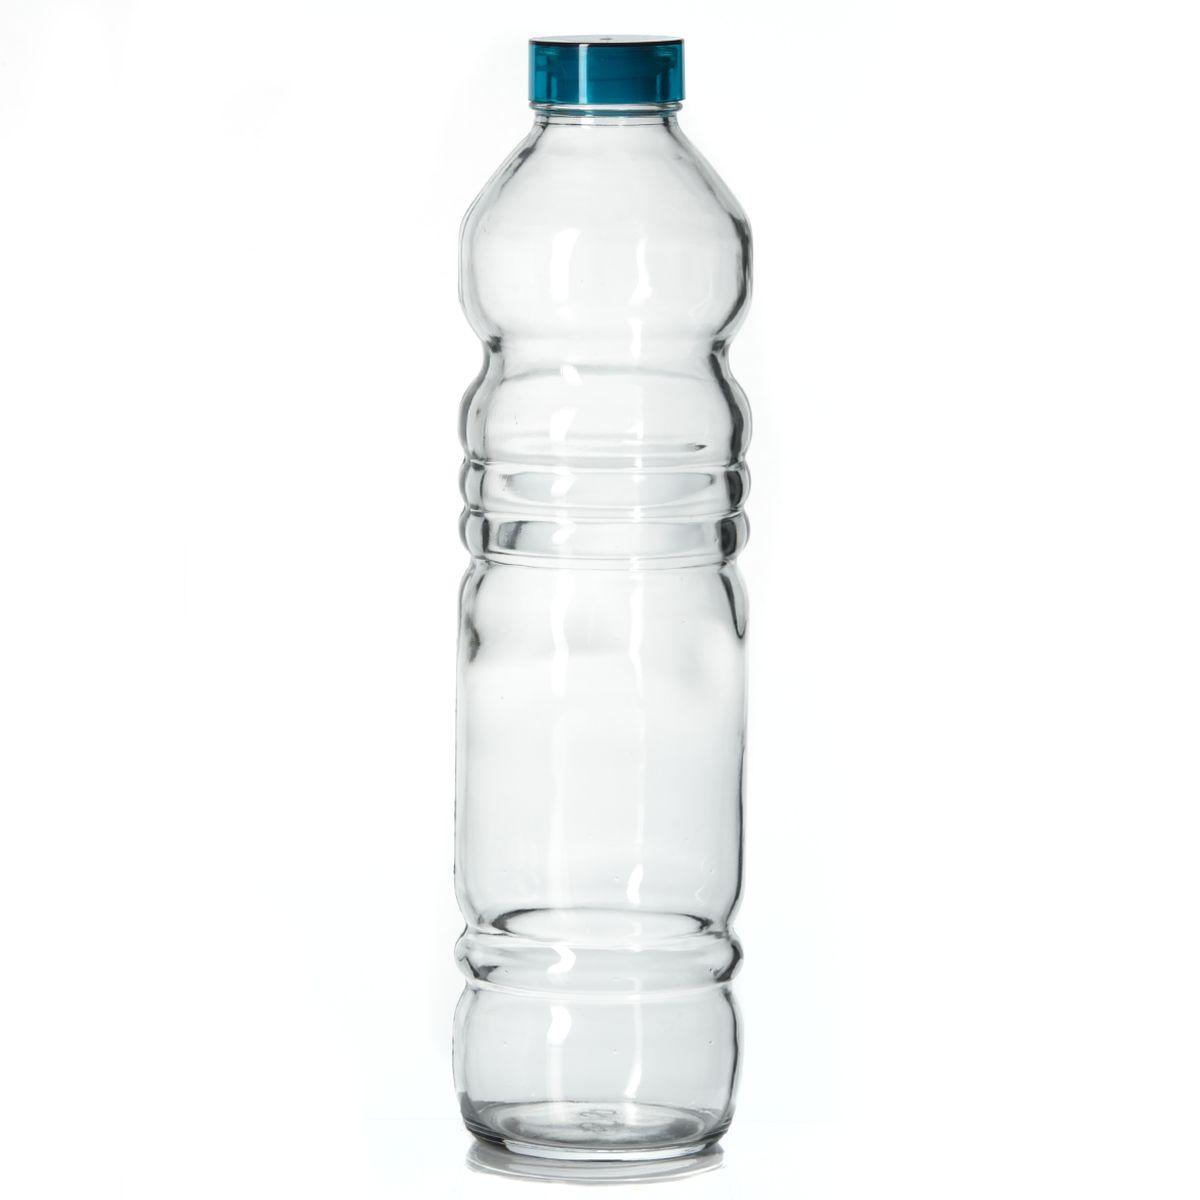 Бутылка Pasabahce Vita, 1100 мл80339BБутылка Pasabahce Vita, изготовленная из стекла, предназначена для пищевых жидкостей. Бутылка оснащена пластмассовой крышкой с силиконовым уплотнительным кольцом внутри для герметичности. Изделие красиво переливается и излучает приятный блеск. Изящная форма и необычный дизайн сделают ее украшением вашего кухонного стола. Можно мыть в посудомоечной машине. Высота бутылки: 31 см. Диаметр дна: 7,5 см. Диаметр бутылки (по верхнему краю): 3,5 см. Объем: 1100 мл.